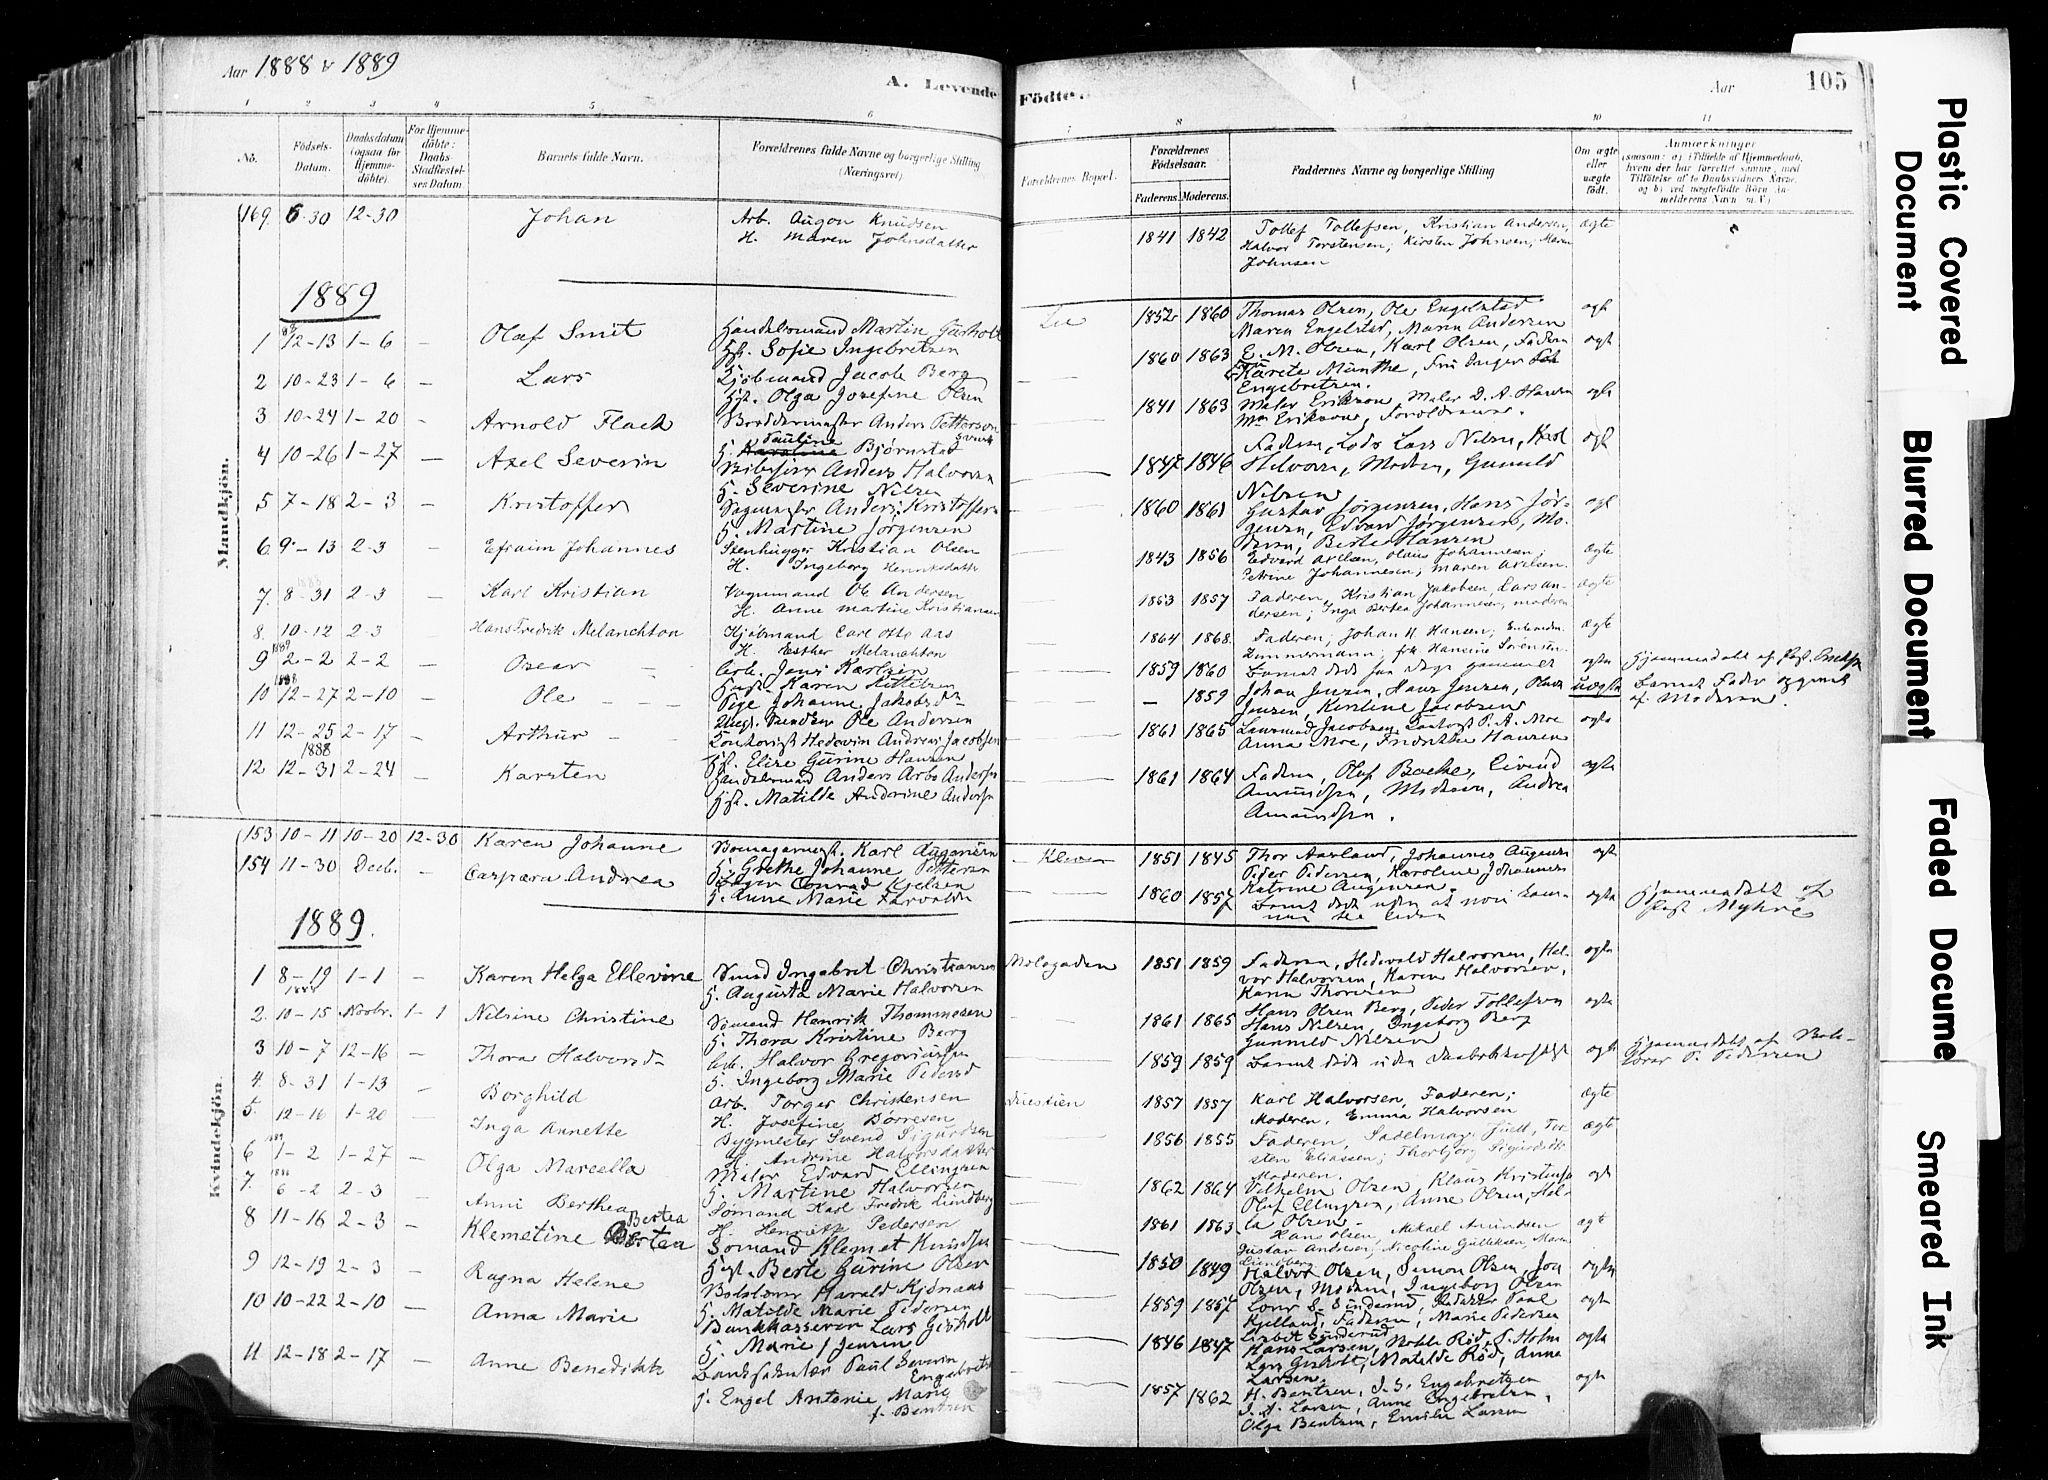 SAKO, Skien kirkebøker, F/Fa/L0009: Ministerialbok nr. 9, 1878-1890, s. 105